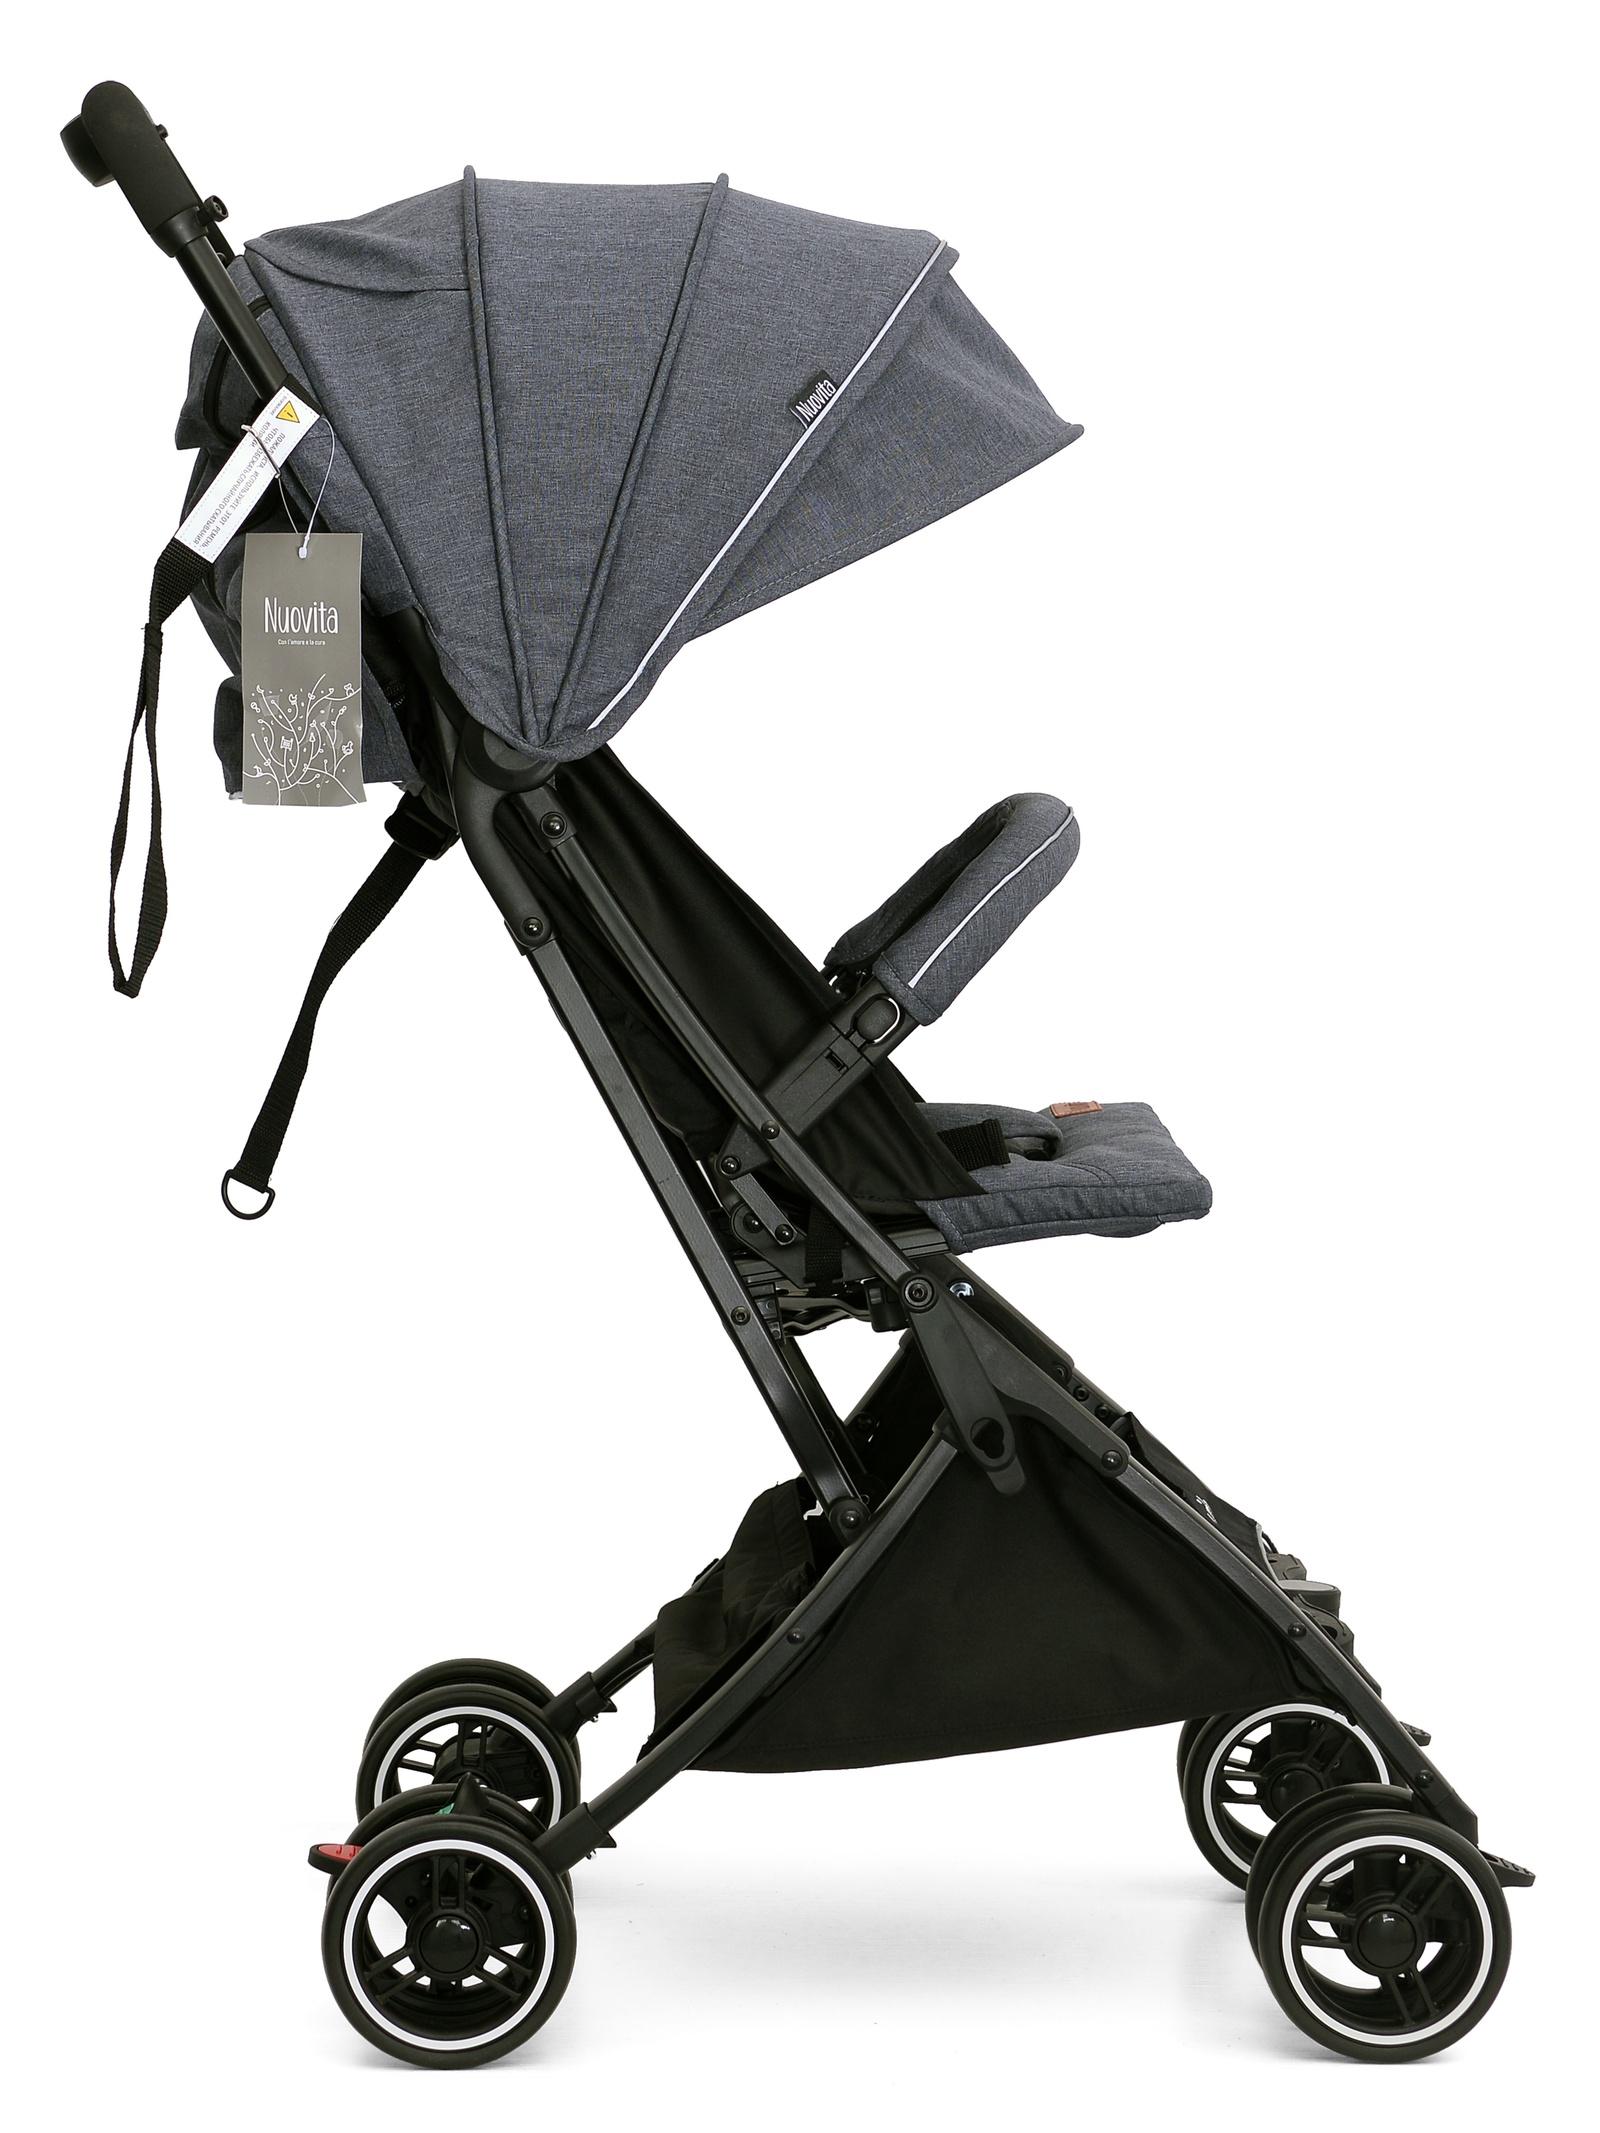 Коляска прогулочная Nuovita VeroNUO_А6_800Прогулочная коляска Nuovita Vero — это классическая коляска-книжка с удобным посадочным местом для малыша в возрасте от шести месяцев до 3-х лет. Ширина сиденья данной модели 30 см, глубина 20см, а высота спинки сидения 43см. При раскладывании спинки, которое осуществляется при помощи встроенного в каркас ремня, угол наклона регулируется в радиусе от 100 до 175 градусов. Благодаря этому образуется спальное место для ребенка размером 64х30см. Для надежной фиксации малыша на сидении предусмотрены 5-точечные ремни безопасности с мягкими накладками, межножный ограничитель и защитный съемный бампер с накладкой из текстиля. Для того, чтобы малыша было удобно посадить в коляску, бампер откидывается в сторону. Также бампер можно просто убрать, если в нем нет надобности. Конструктивной особенностью данной модели является отсутствие подножки. Коляска имеет удобный капор, который бесшумно регулируется двумя положениями и имеет дополнительный козырек от солнца. На капоре предусмотрены 2 окошка для вентиляции и обзора, а также карман для хранения мелких вещей. Обивка изготовлена из специальной влаго- и ветроустойчивой ткани. Это 300D лен — материал с пропиткой, которая создает защиту от намокания и выцветания, а также легко поддается очистке. Родительская ручка имеет мягкую накладку из поролона. Рама выполнена из алюминия, имеет классическую конструкцию и снабжена двойными колесами с амортизацией. Передние колеса предоставляют возможность разворота на 360 градусов, обеспечивая коляске лег...